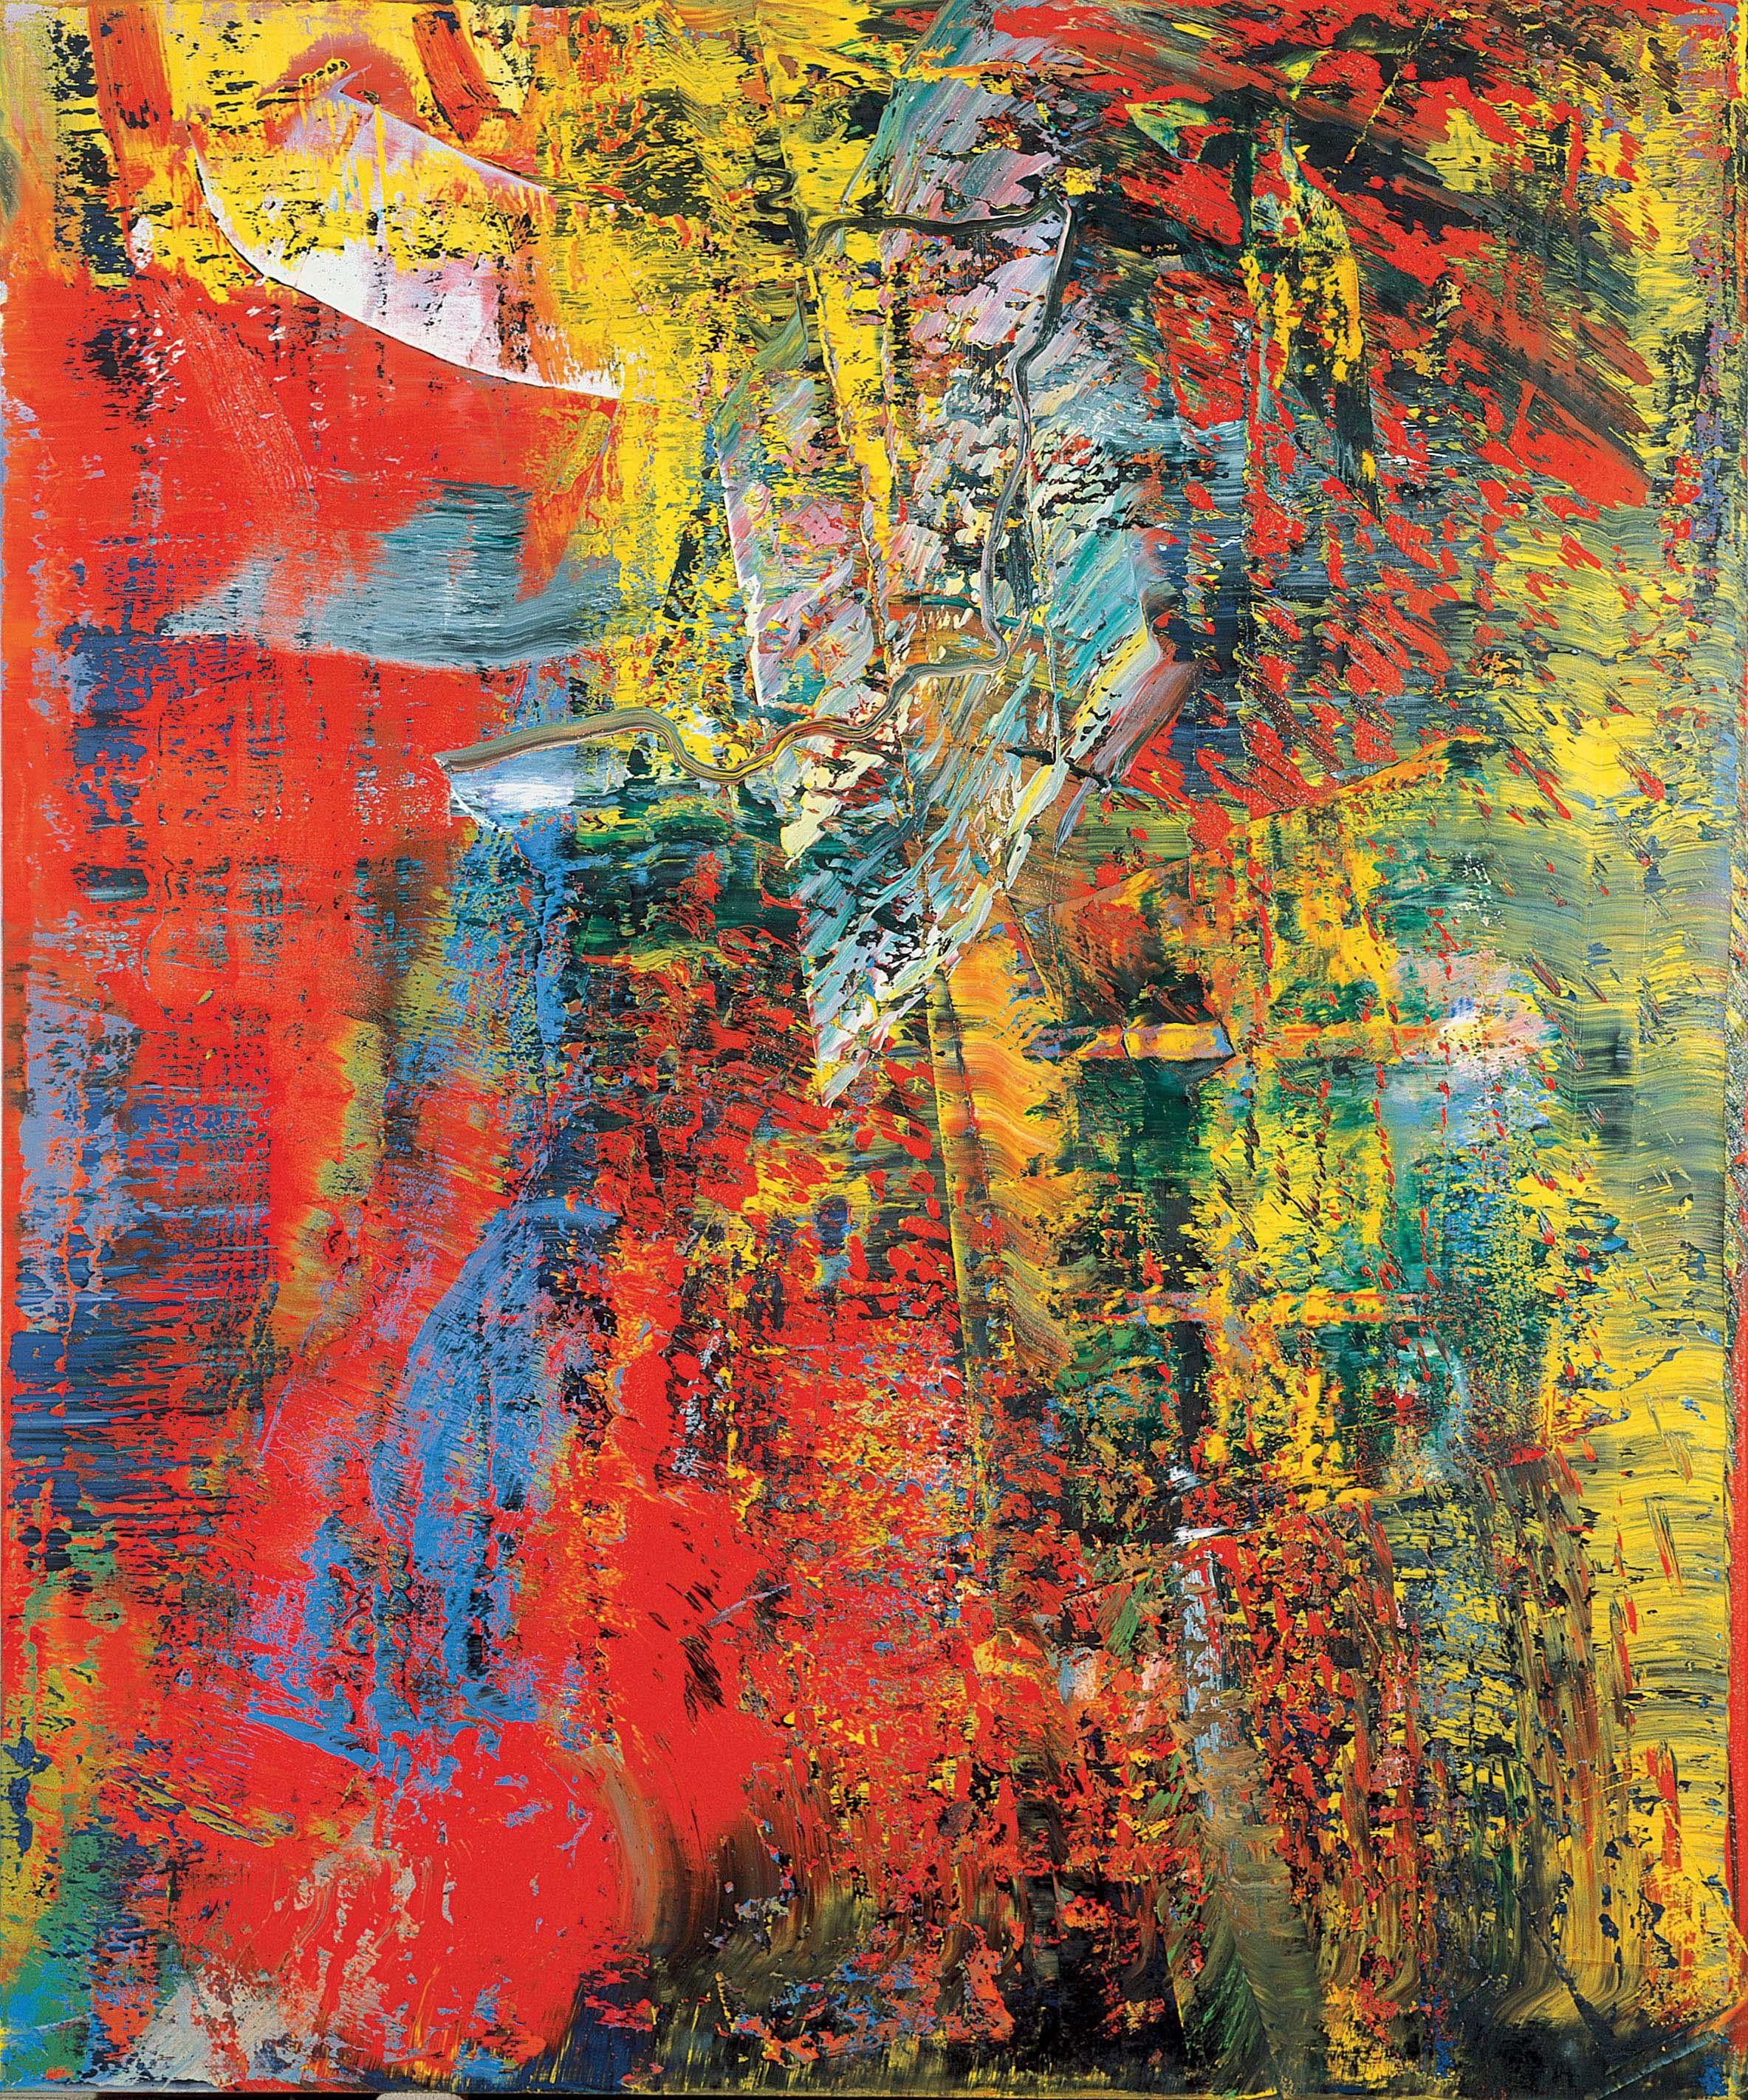 richter abstraktes bild courbet 1986 abstract art painting modern abstrakte skulpturen künstler leinwand abstrakt